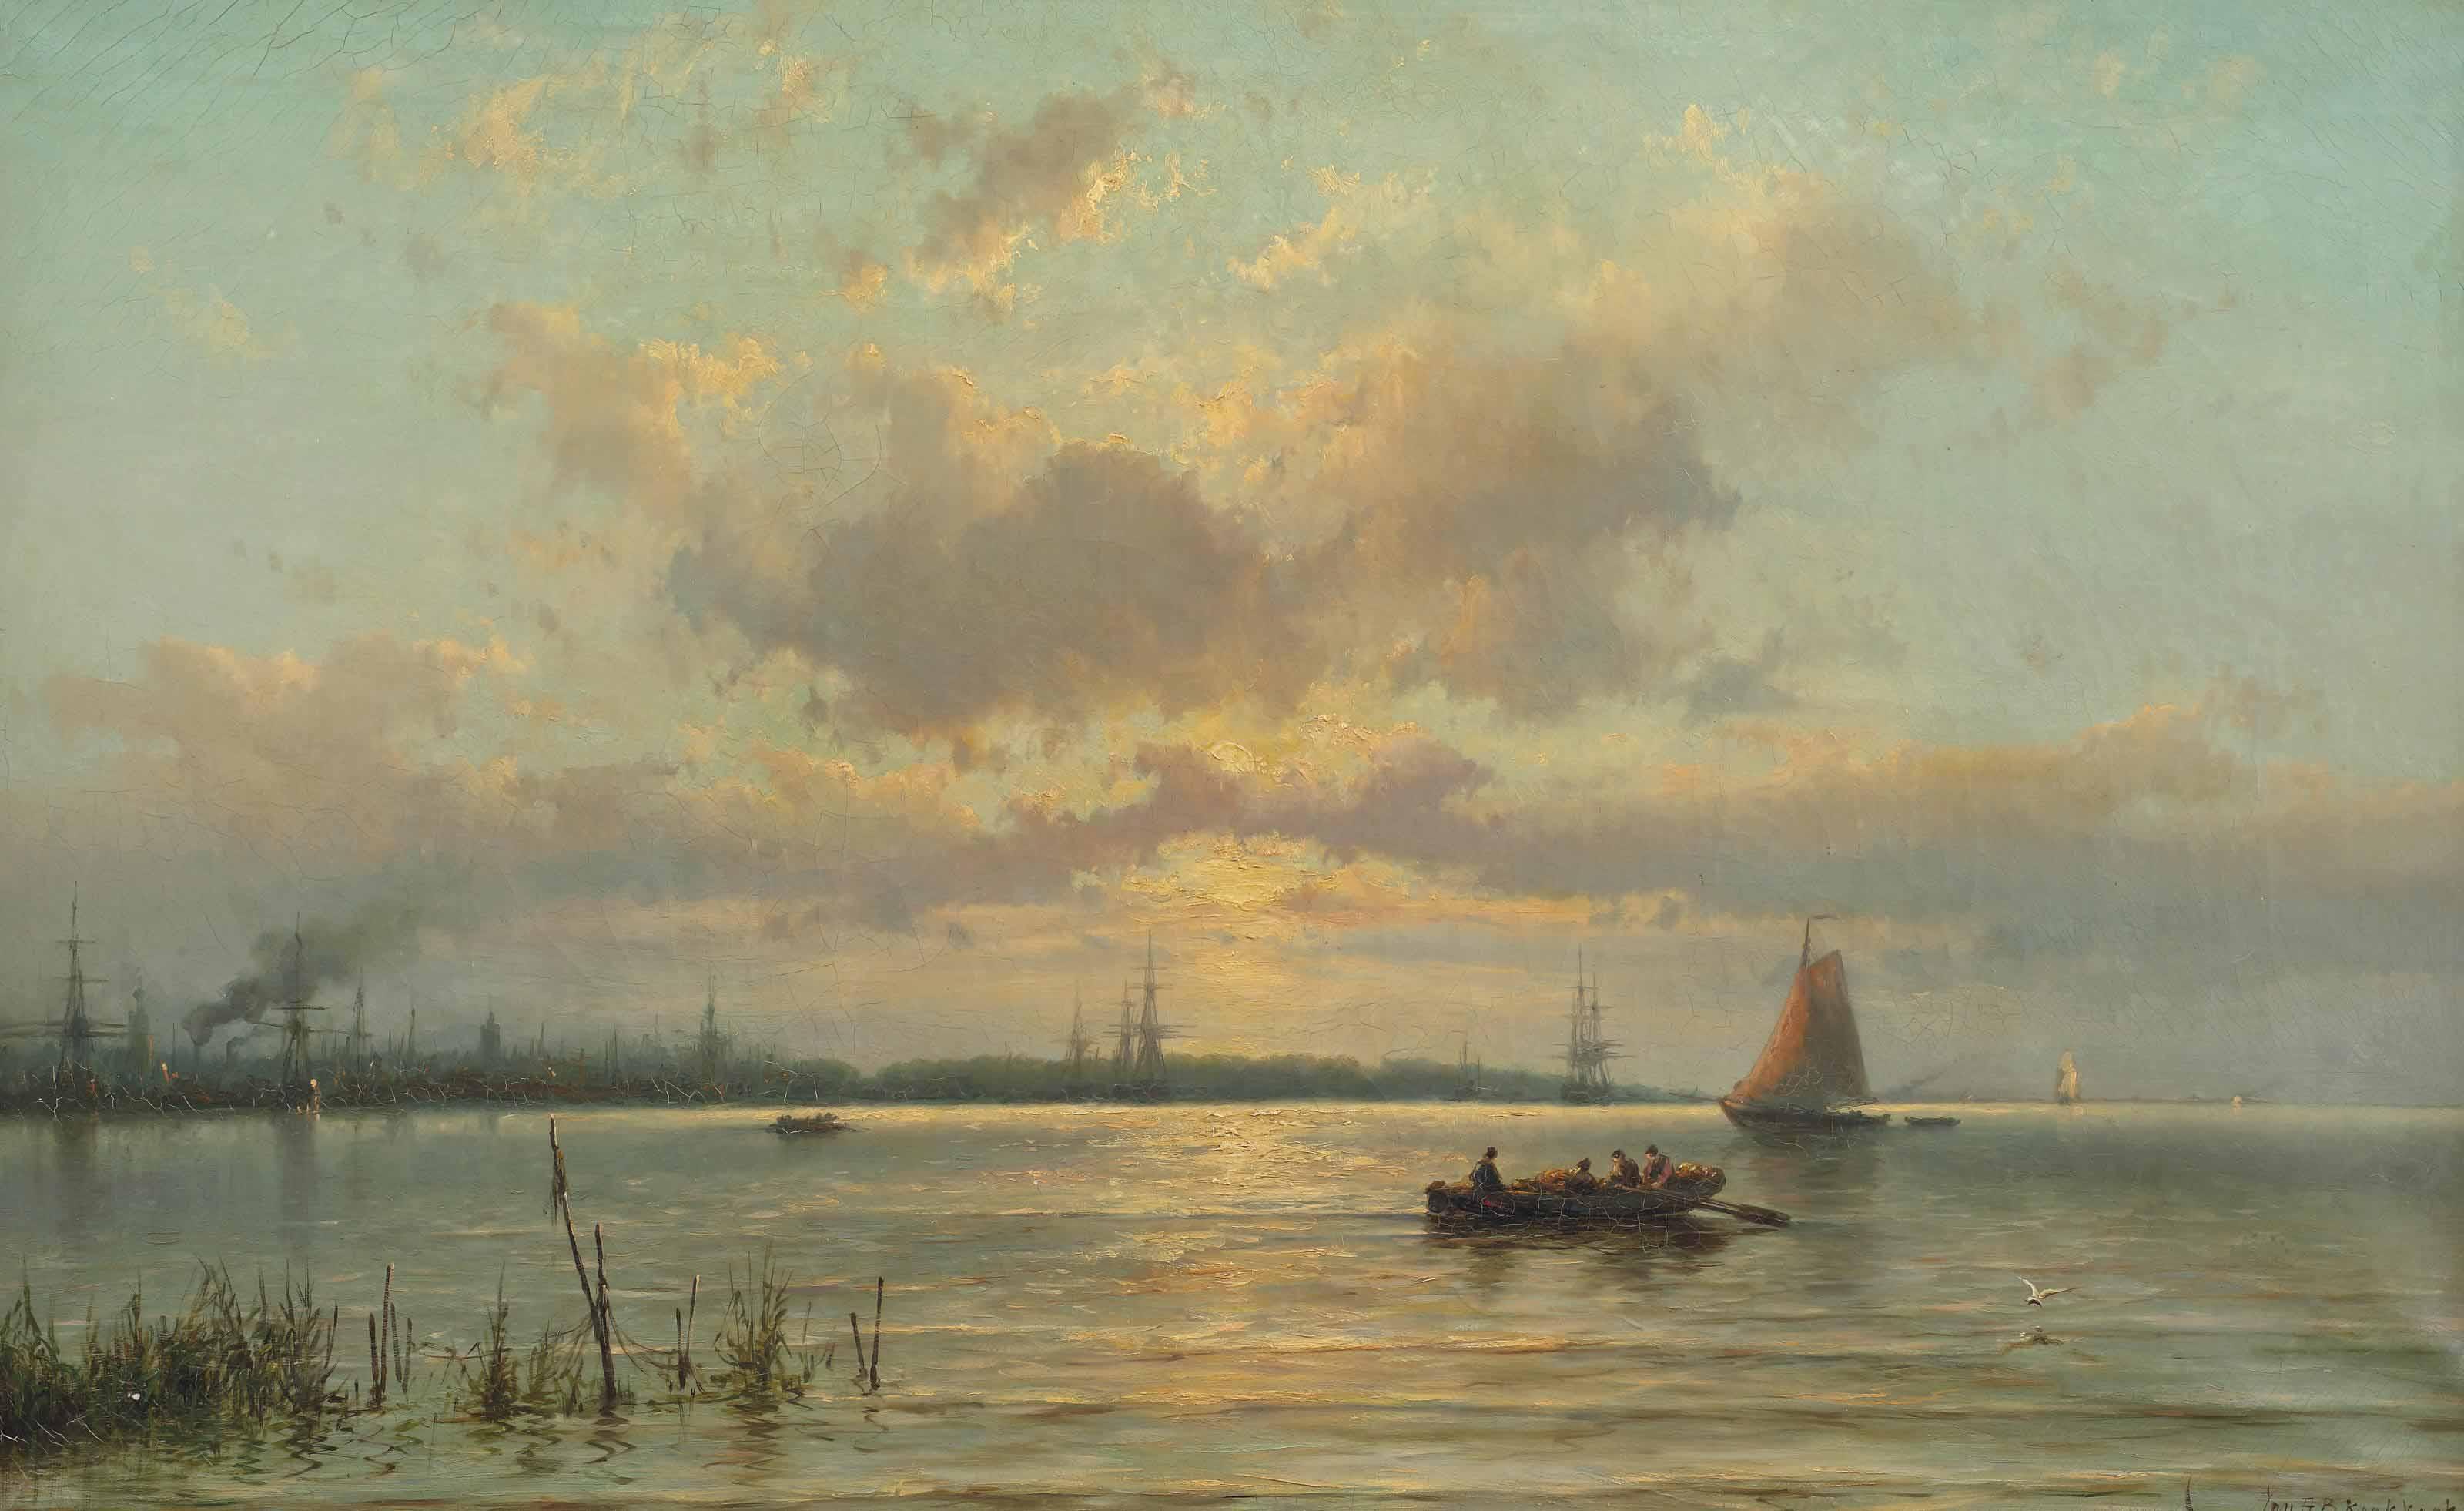 Gezigt op de Maas voor Rotterdam bij ondergaande zon: ships on the river Maas at sunset, Rotterdam